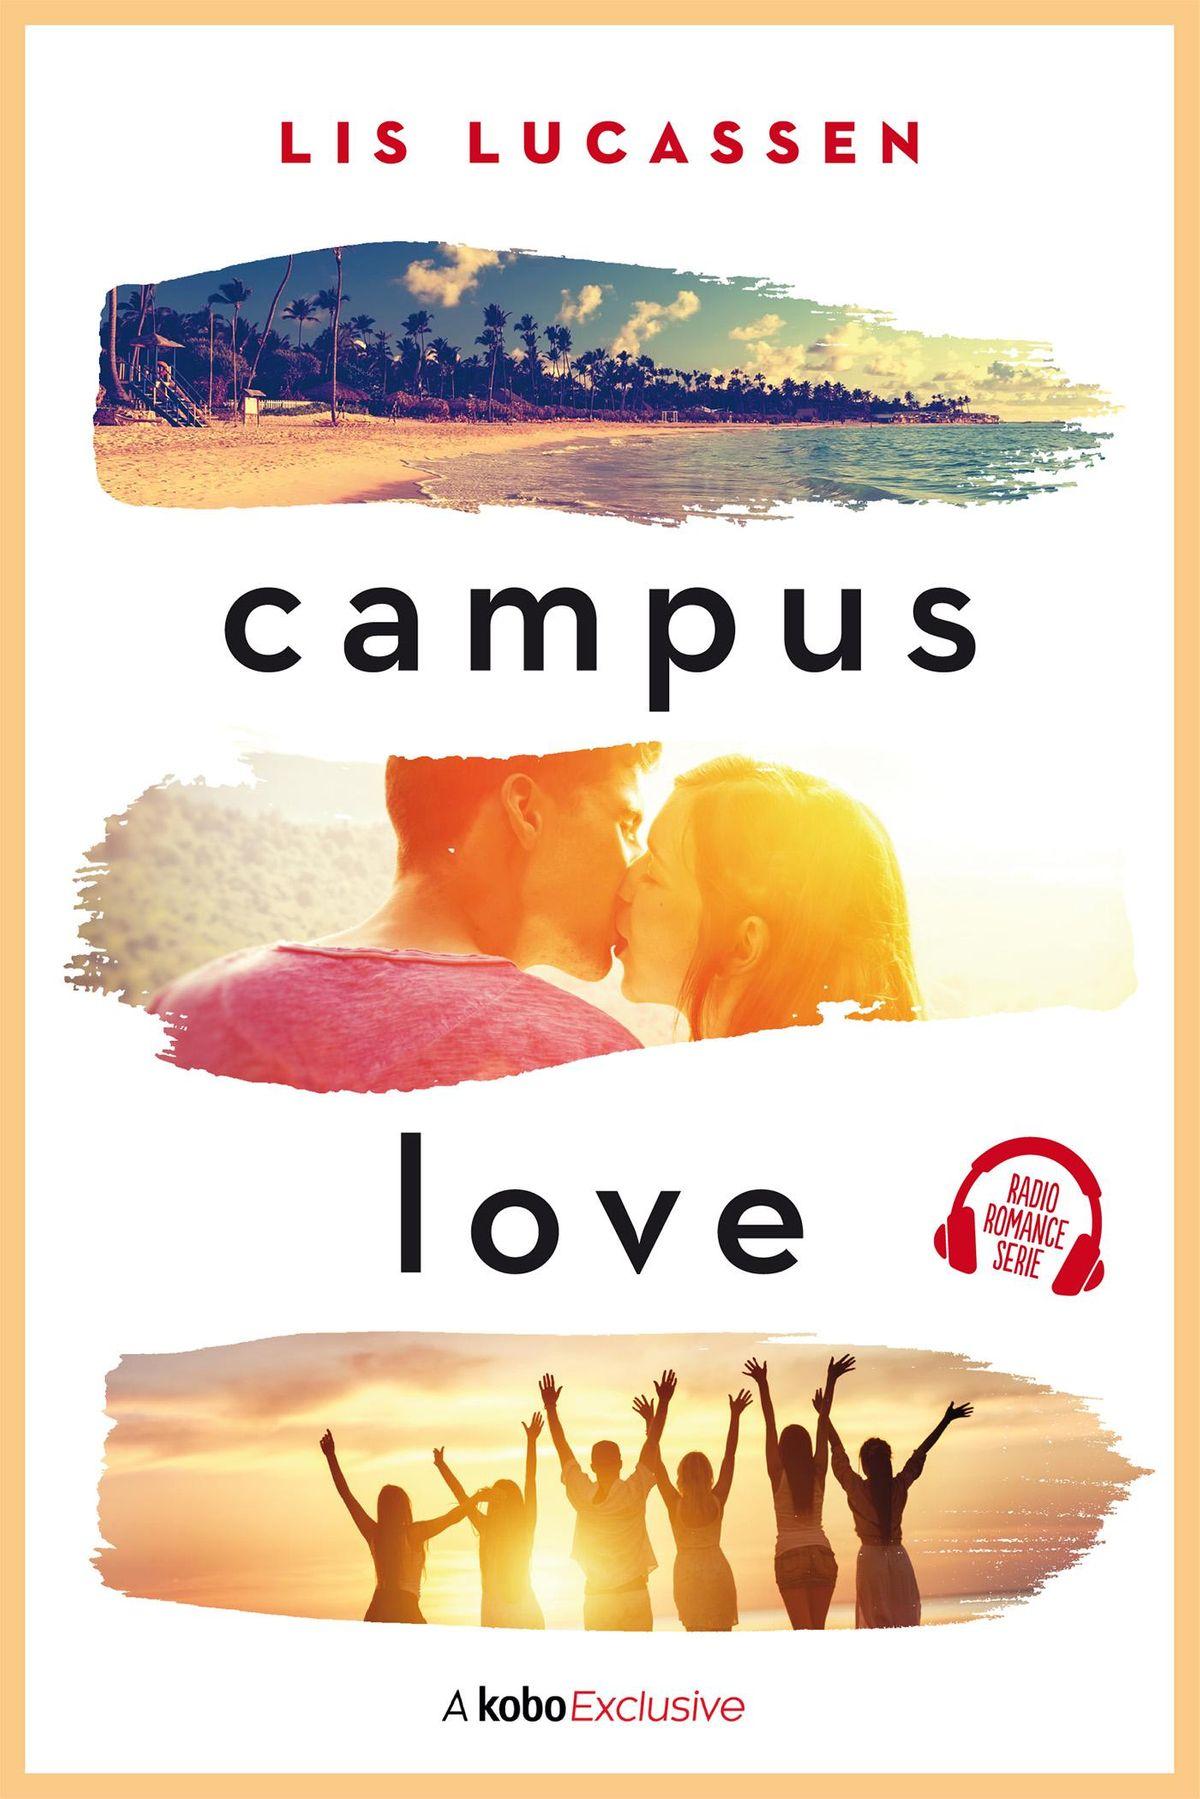 campus-love-3